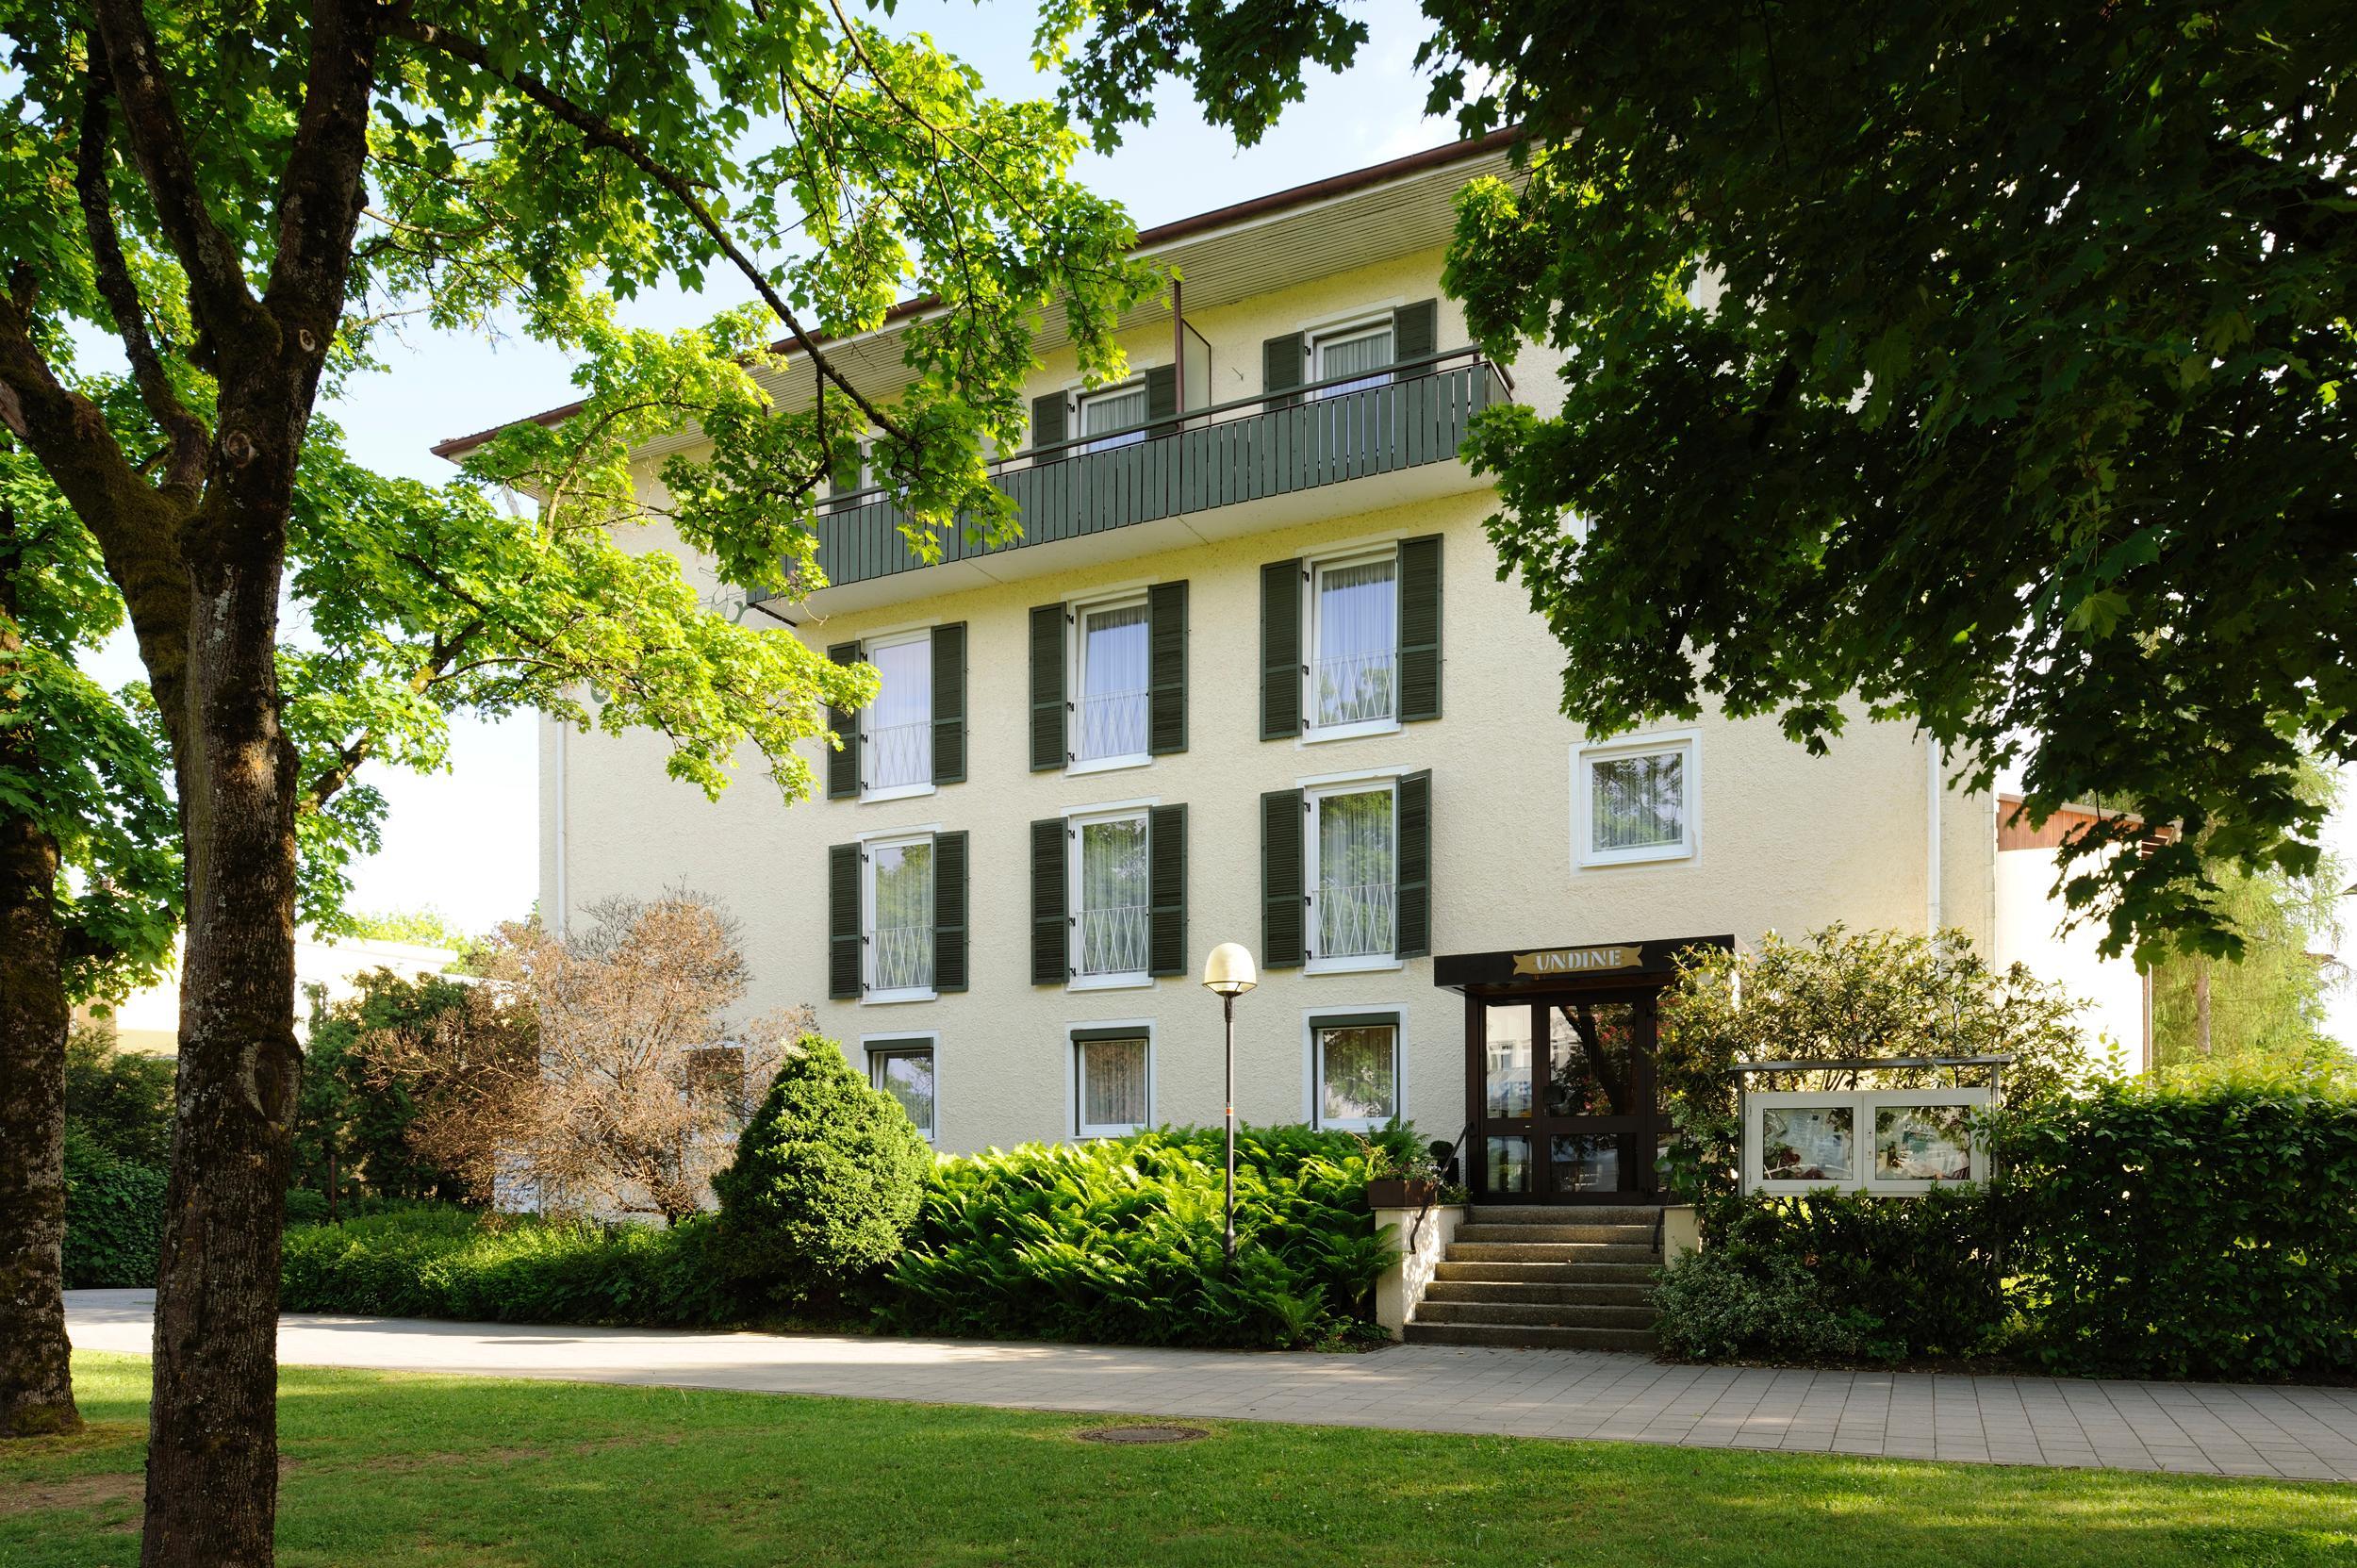 JOHANNESBAD HOTEL UNDINE, Passau